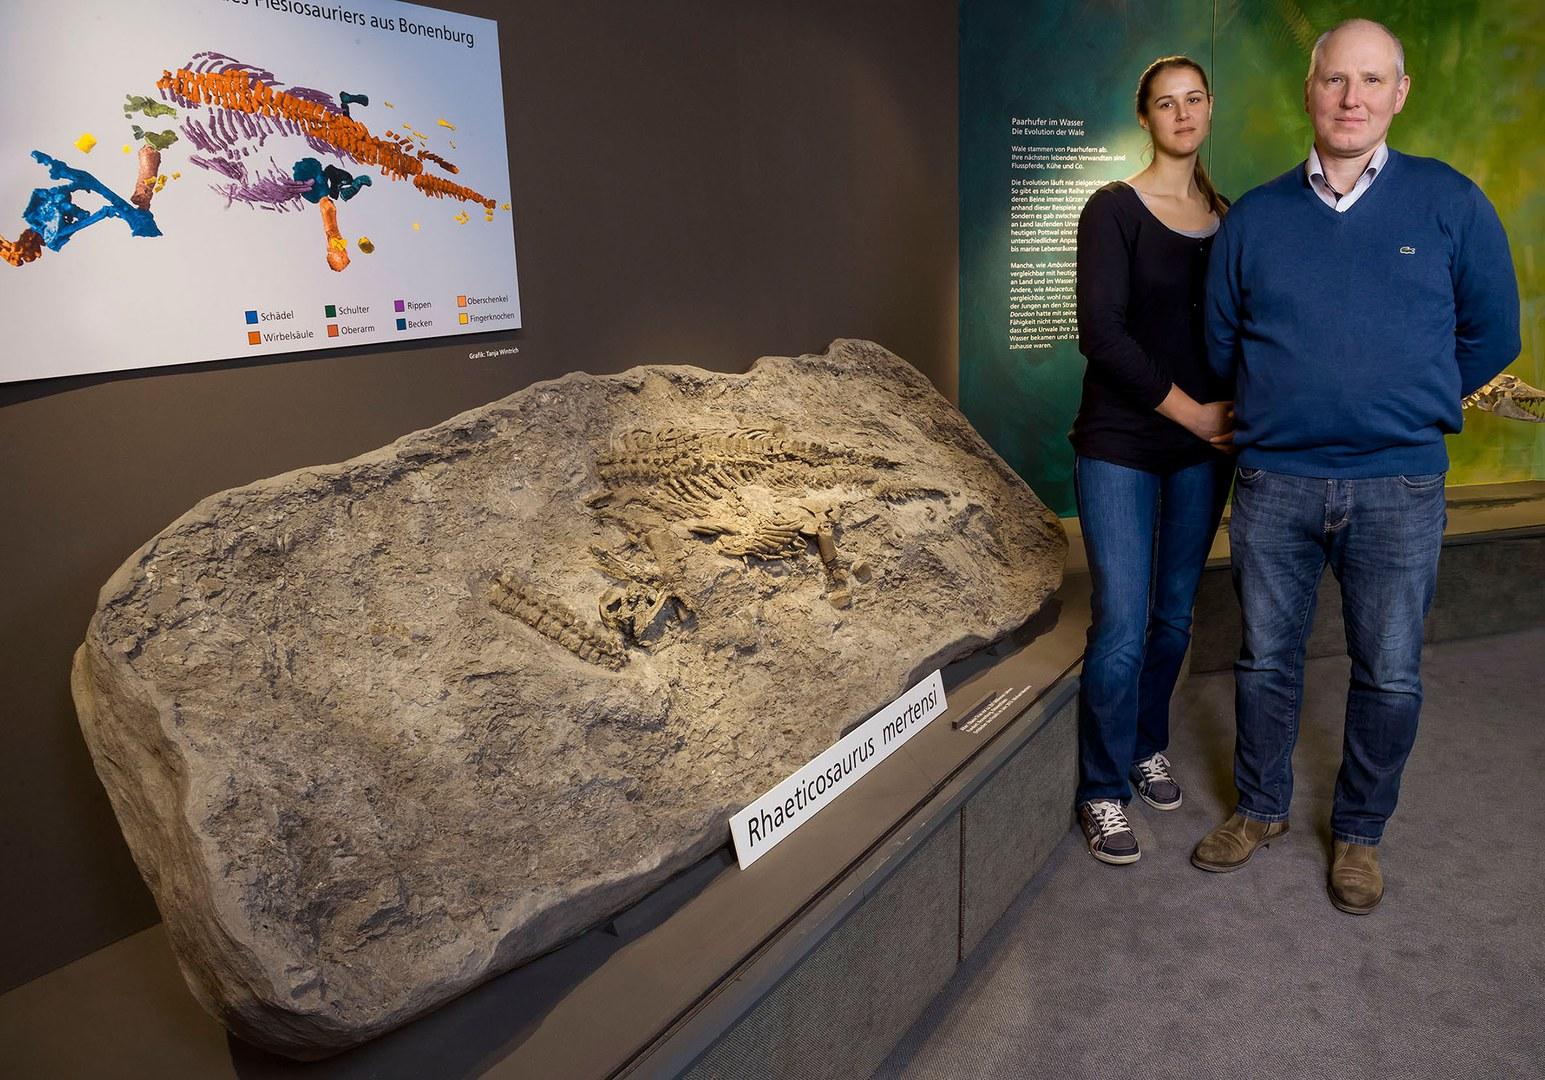 Paläontologin Tanja Wintrich von der Universität Bonn und Finder Michael Mertens